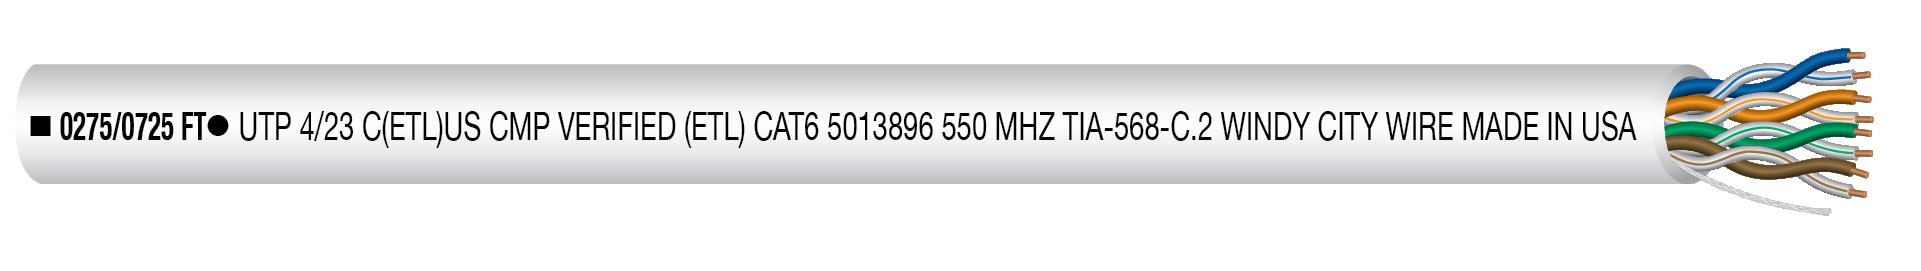 23-4P UNS SOL CMP C6 Wht Jkt